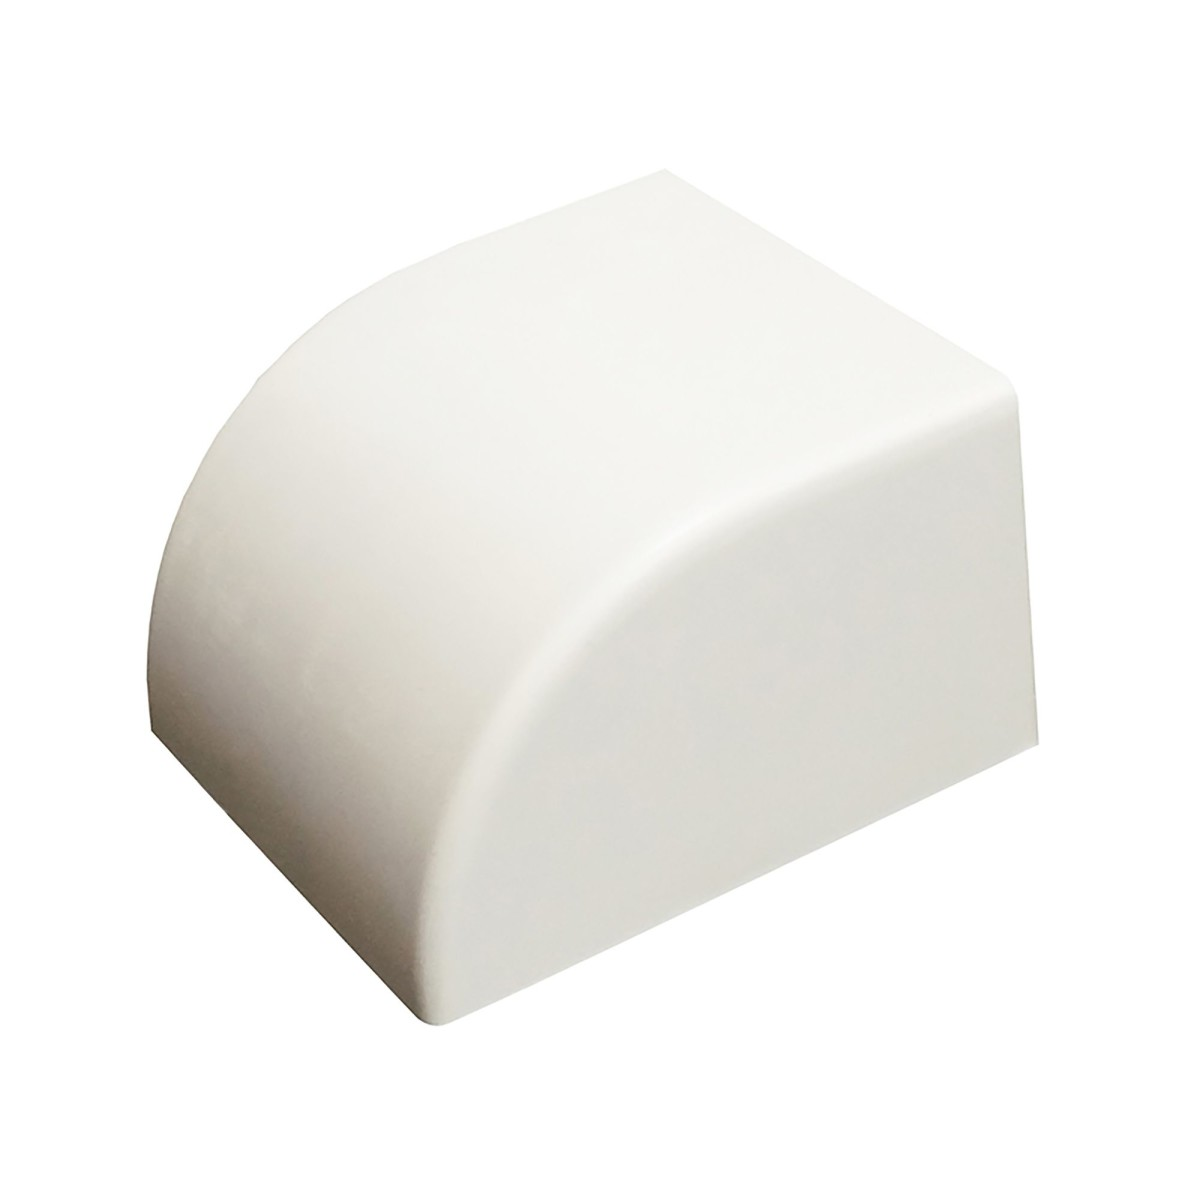 Заглушка 40/60 мм цвет белый 2 шт.